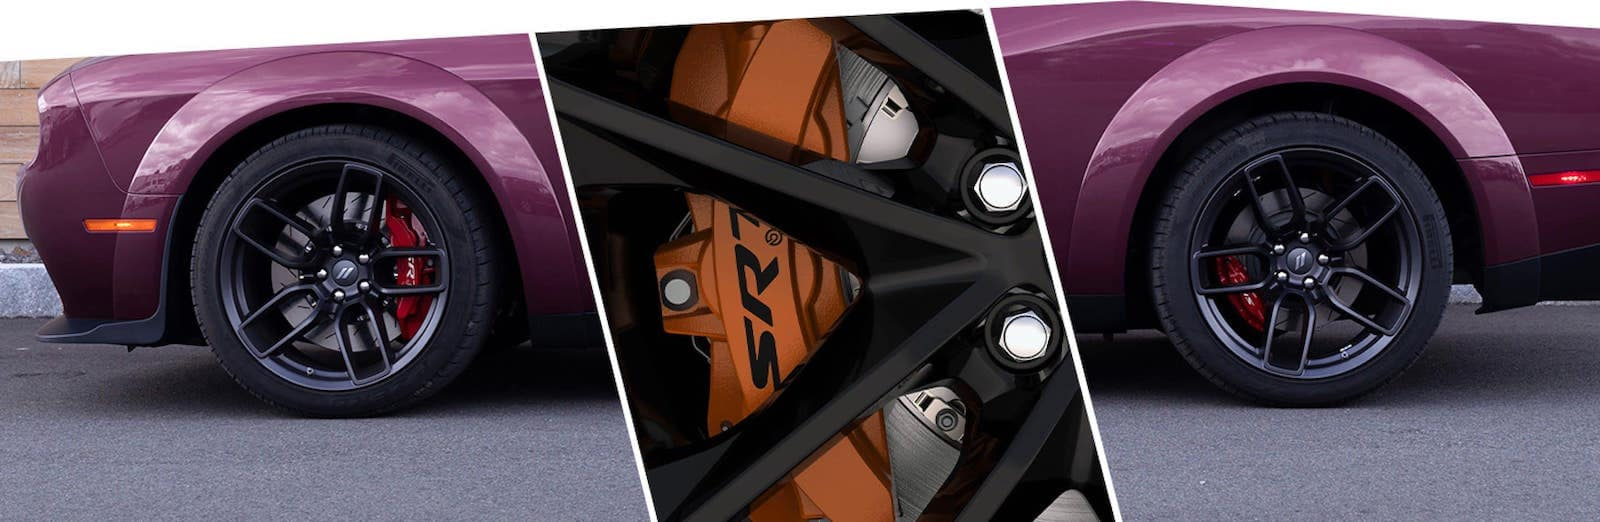 2021 Dodge Challenger sport brake system